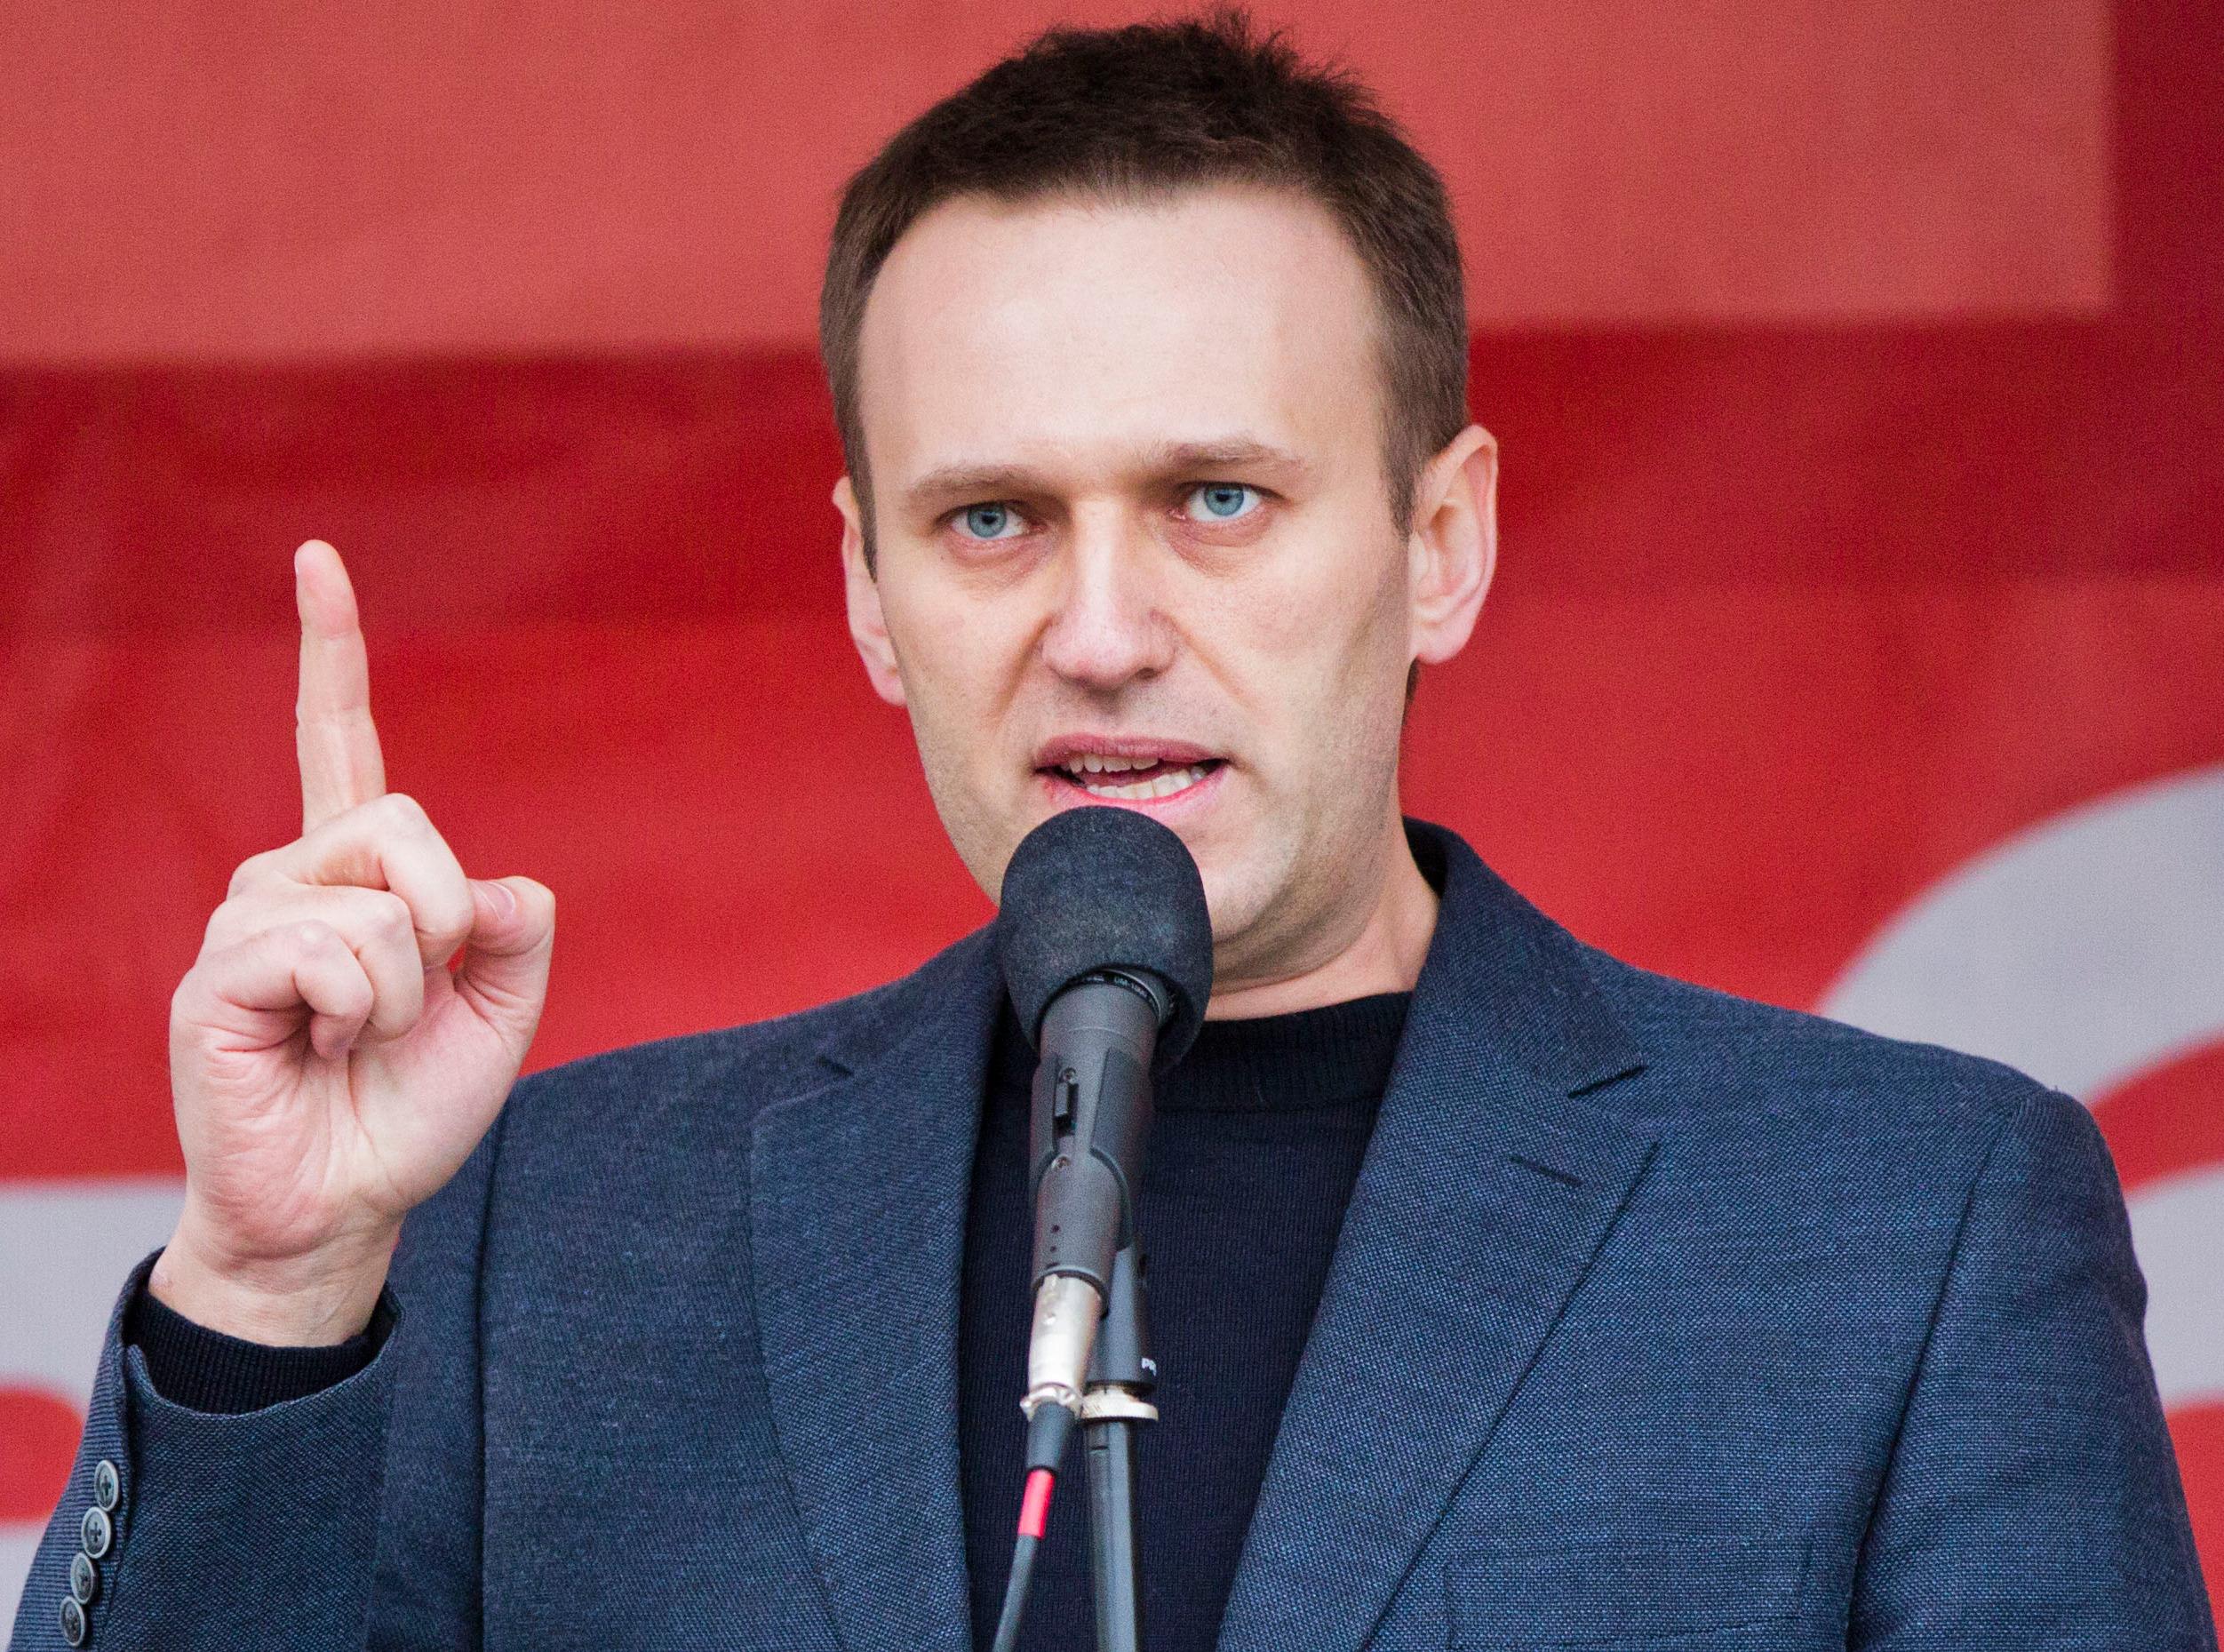 Дочь Навального созналась, что папаша подсел на кокаин